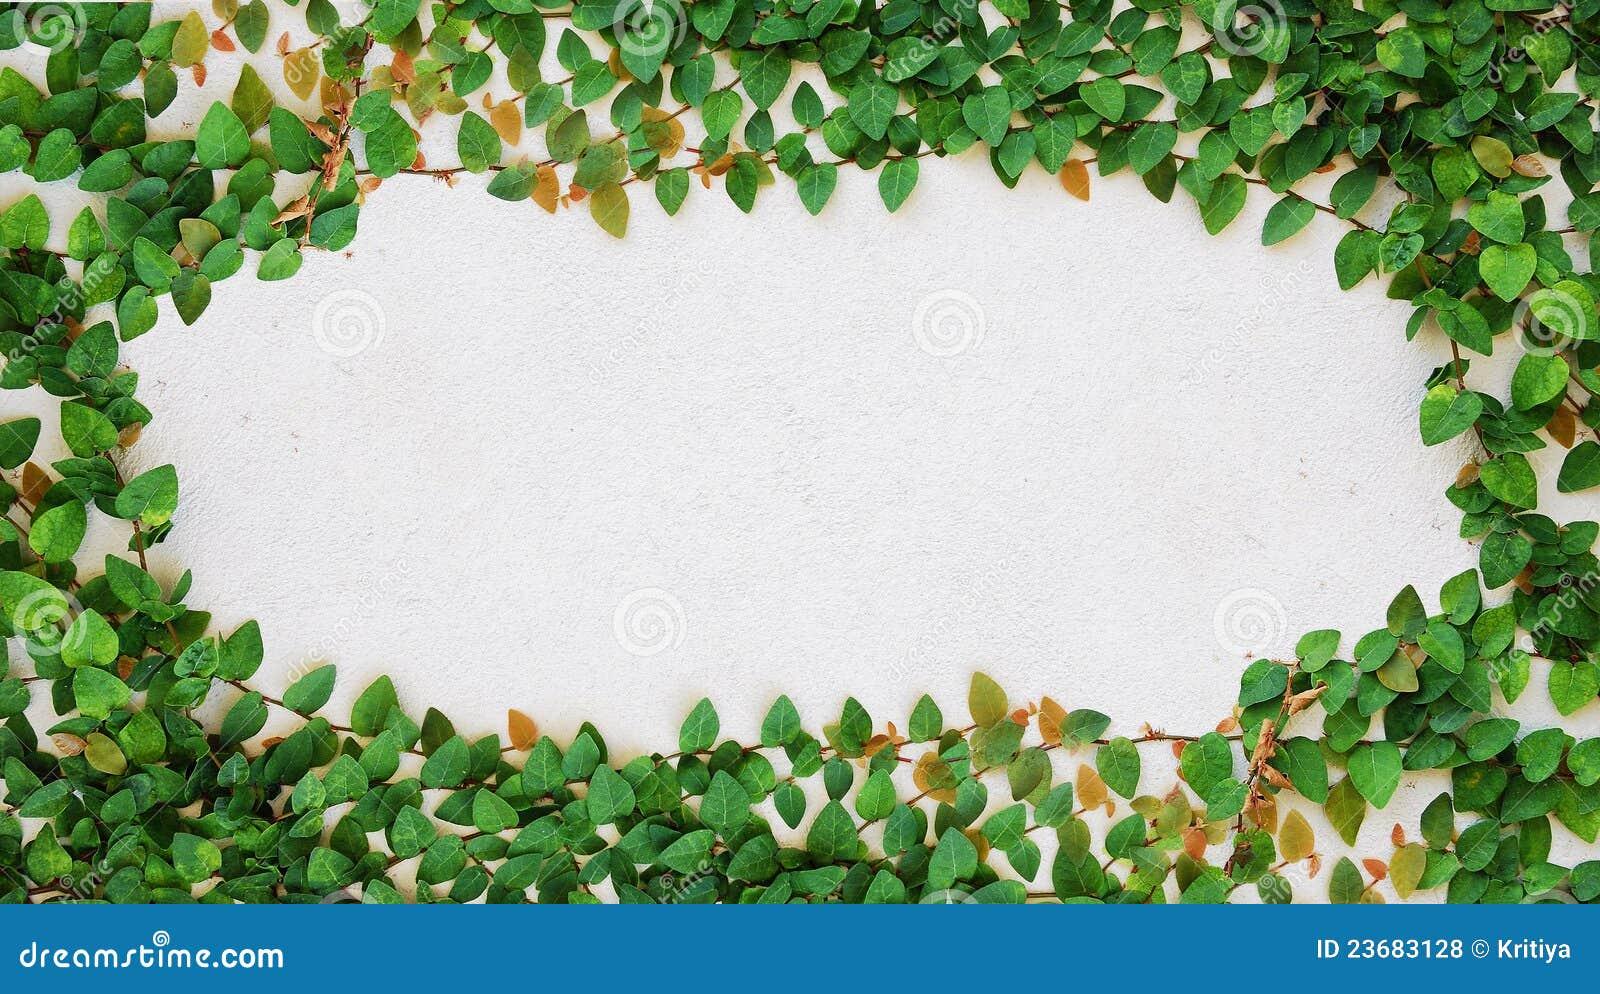 La planta verde de la enredadera en la pared fotos de - Fotos en la pared ...